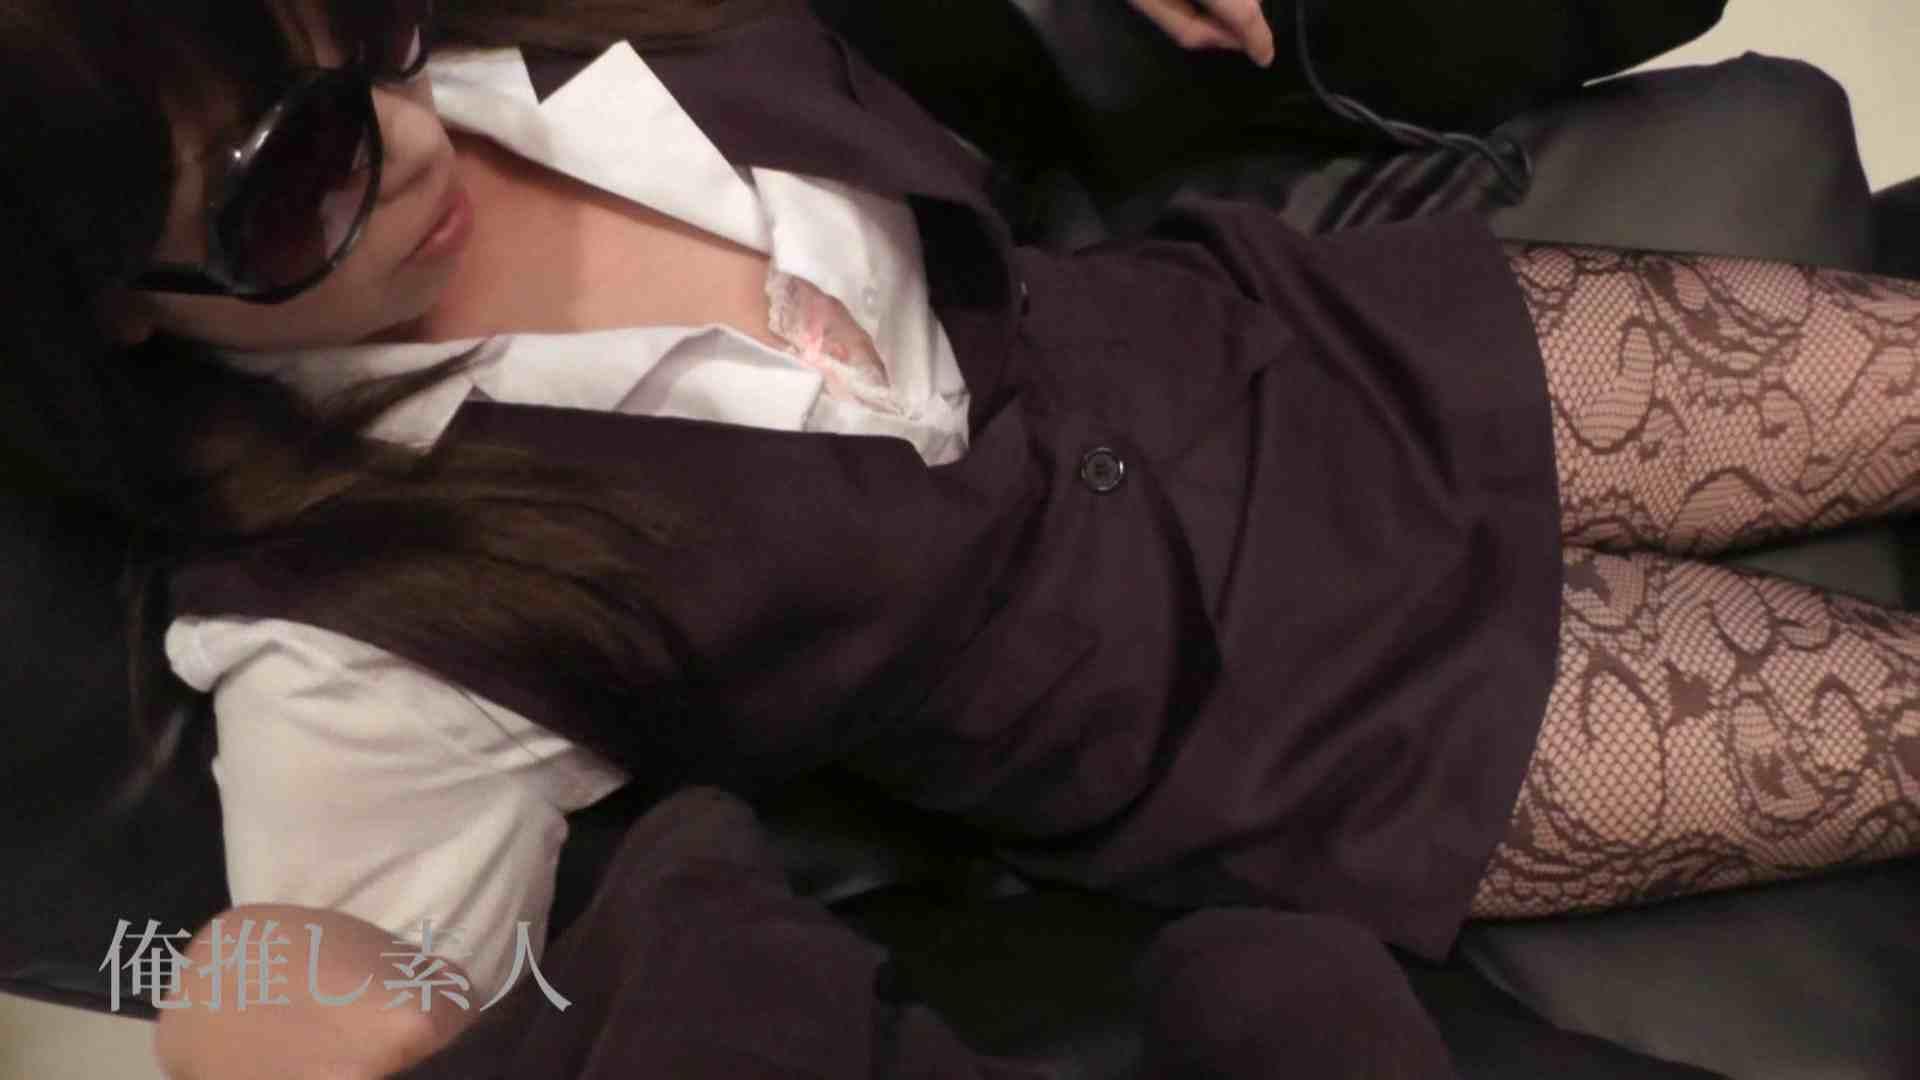 俺推し素人 EカップシングルマザーOL30歳瑤子vol2 一般投稿  31連発 15